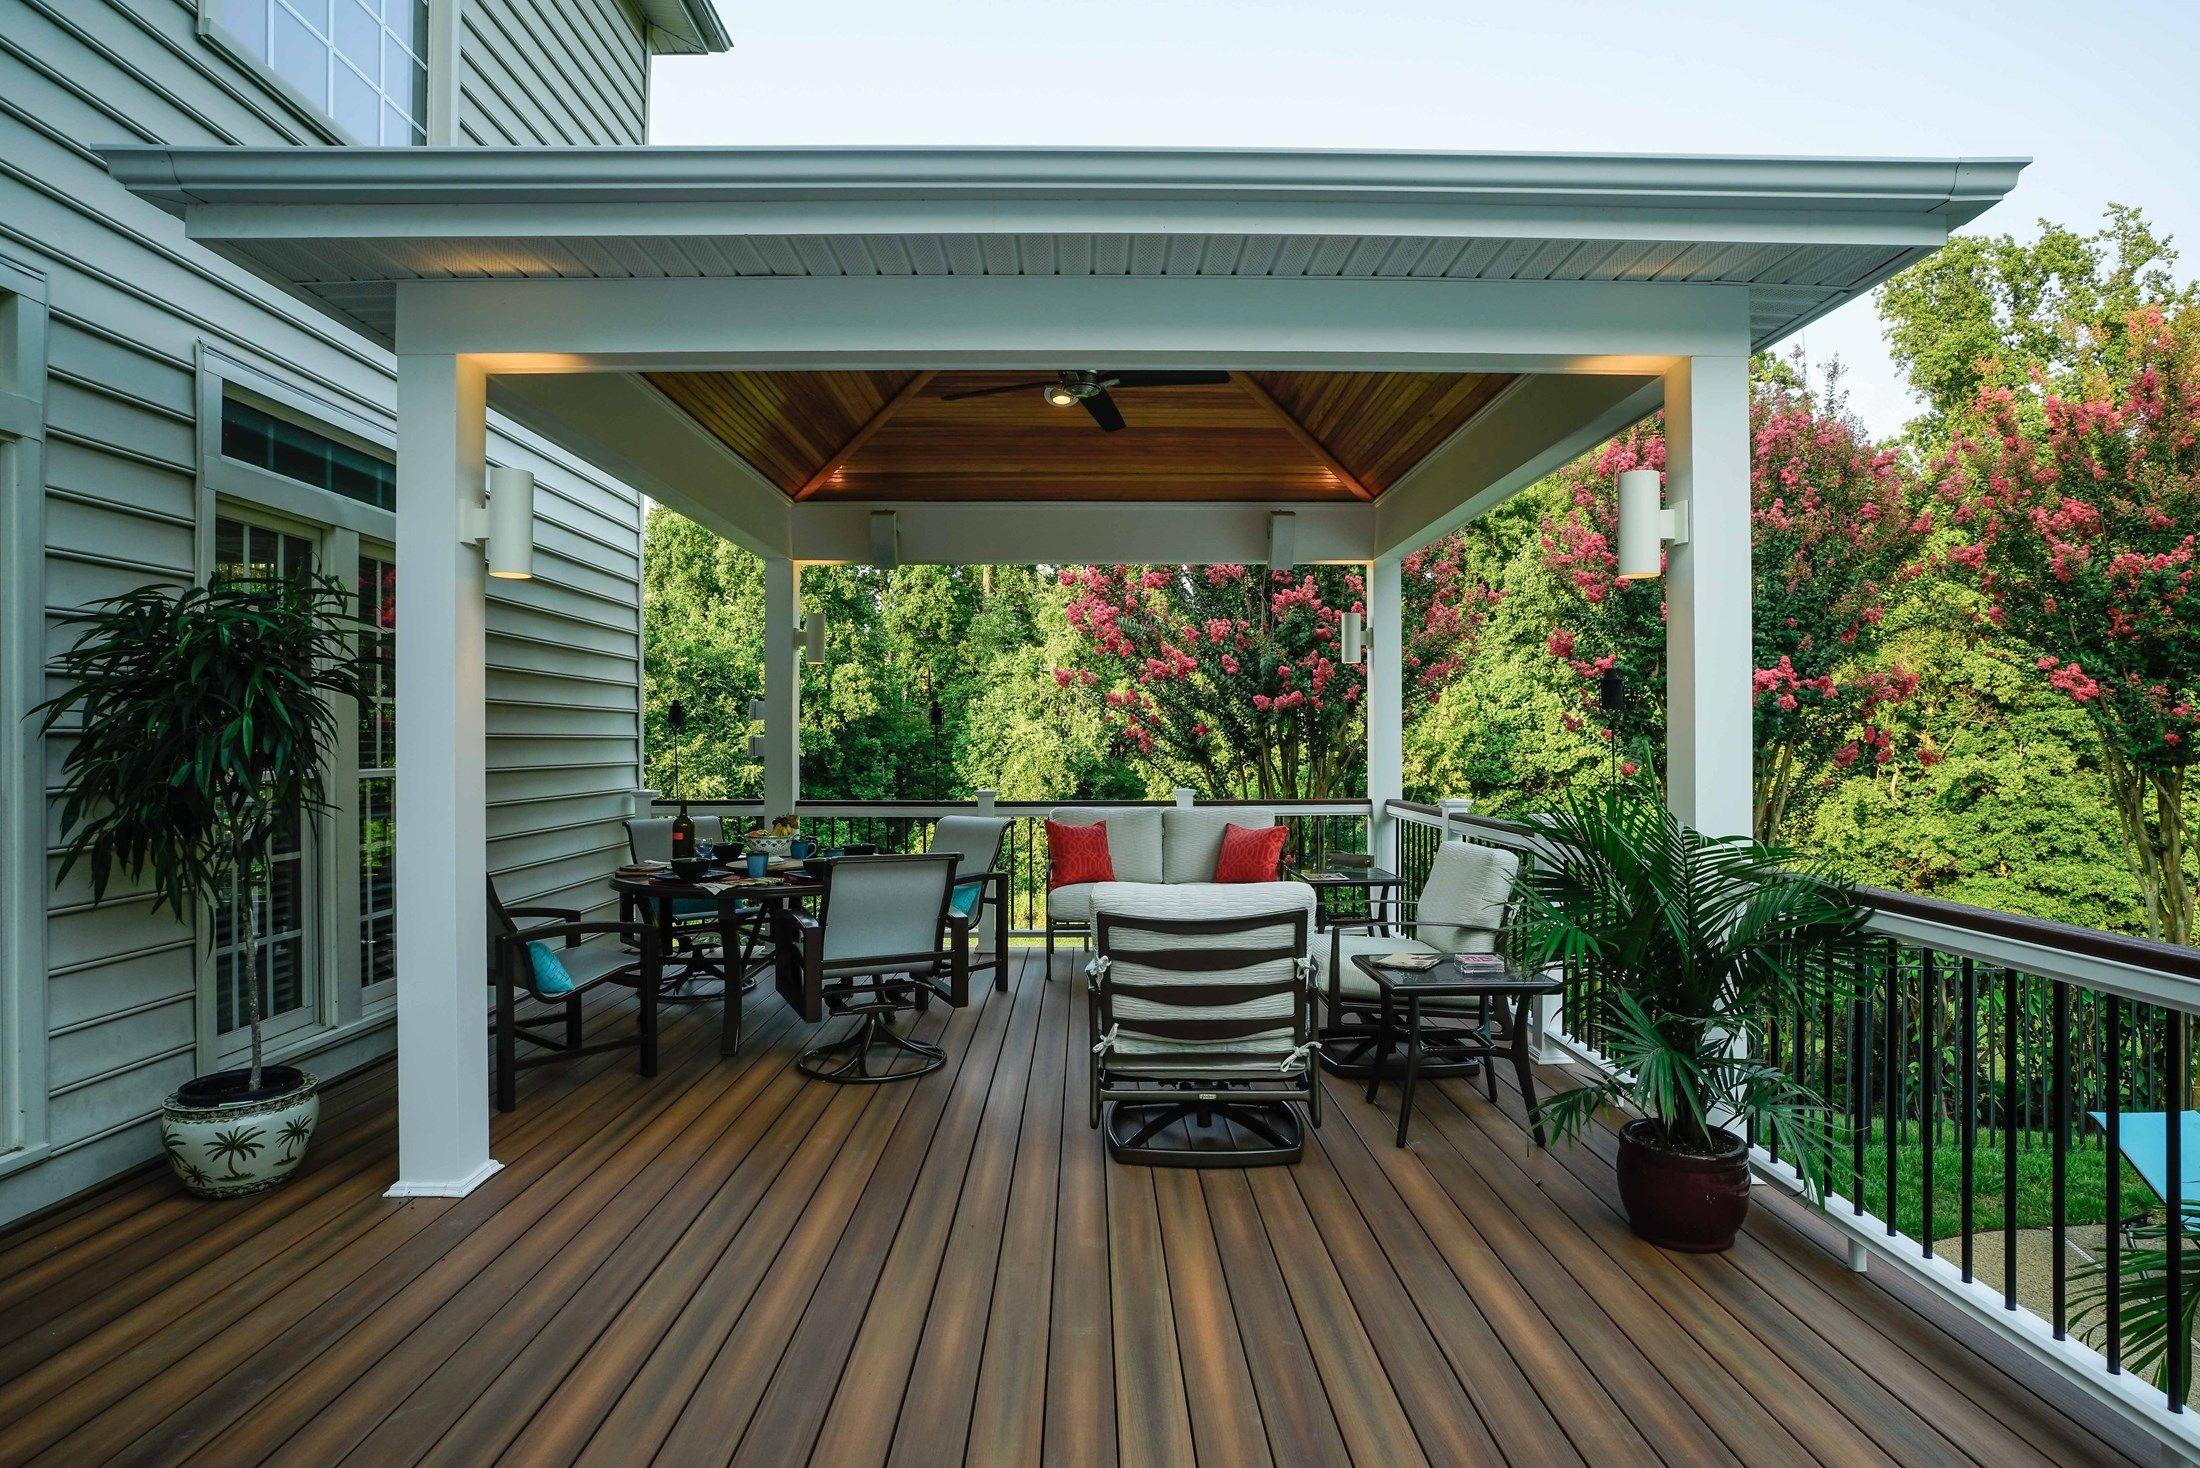 decks com davidsonville pavilion picture 1373 deck designs